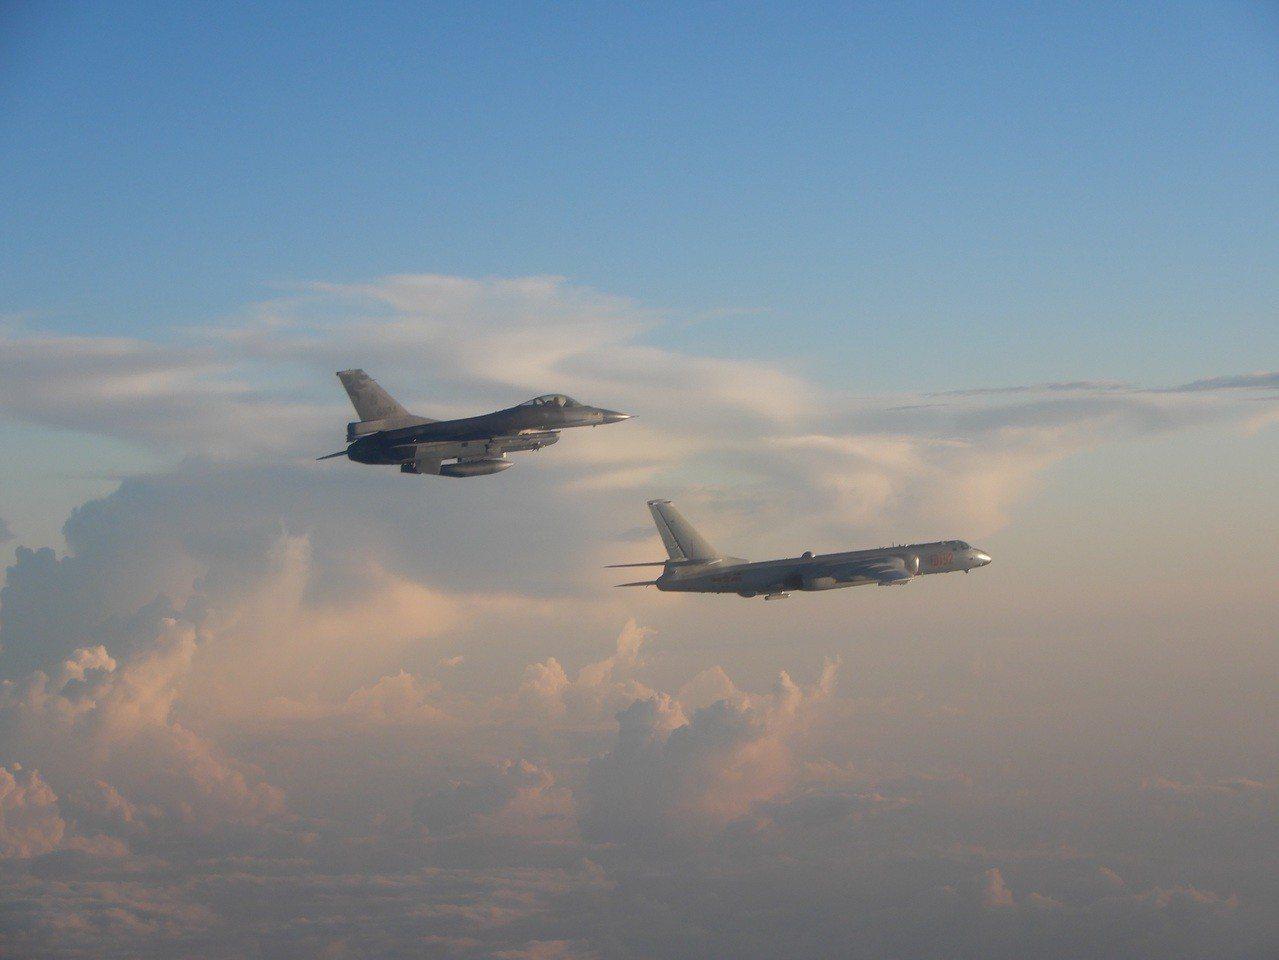 國軍F-16戰鬥機伴飛監控共軍轟6K。 圖/空軍提供